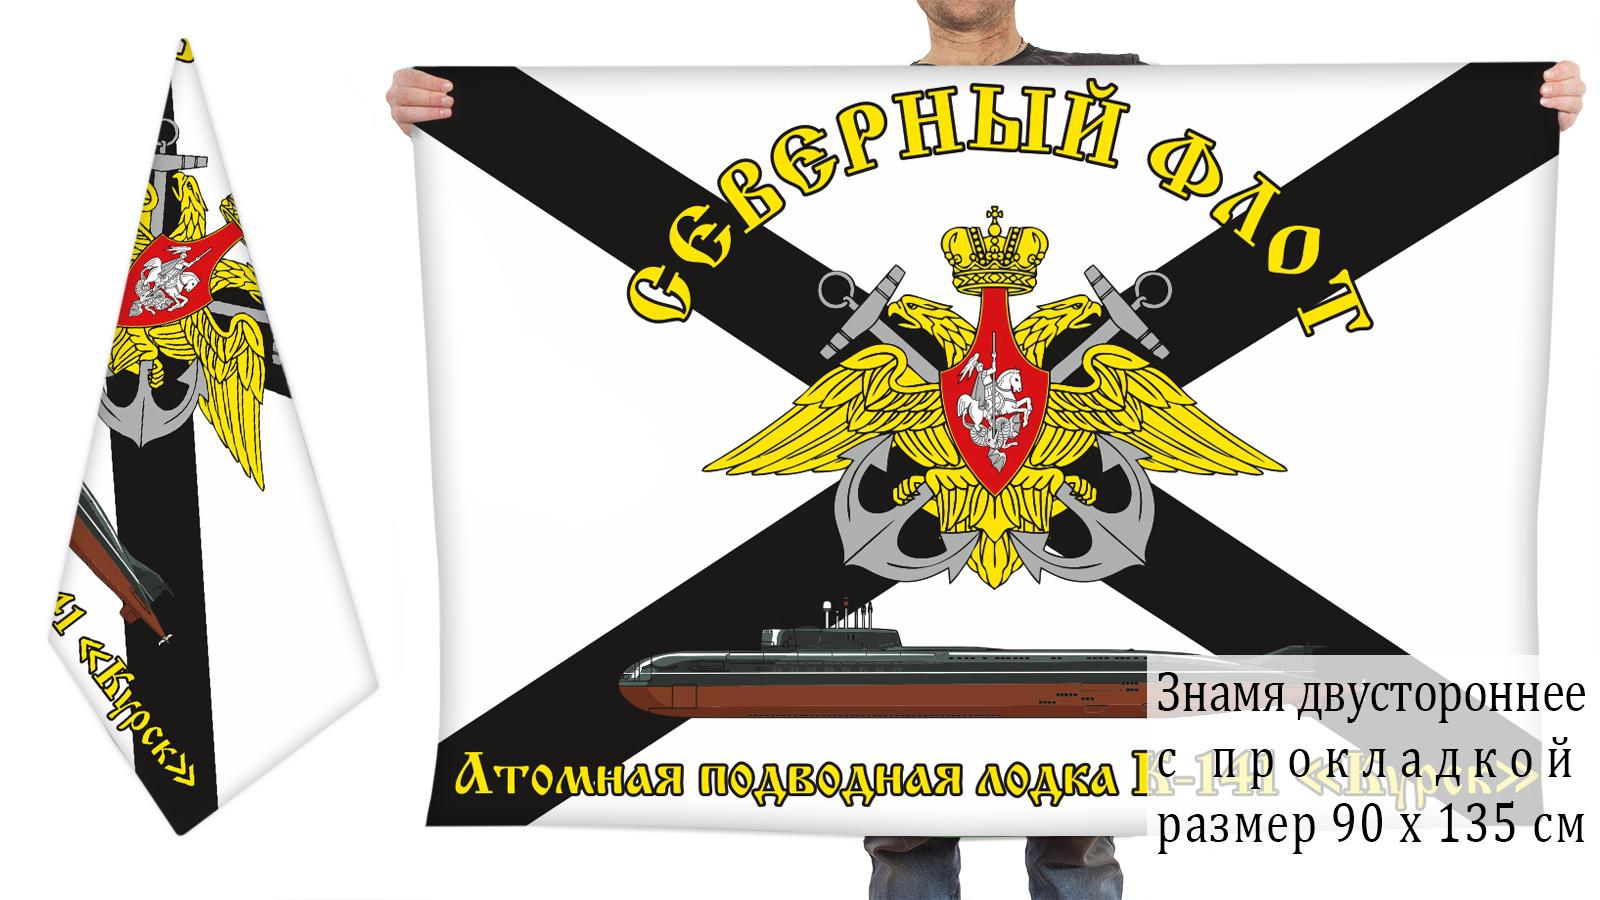 Заказать флаг К-141 Курск Северный флот